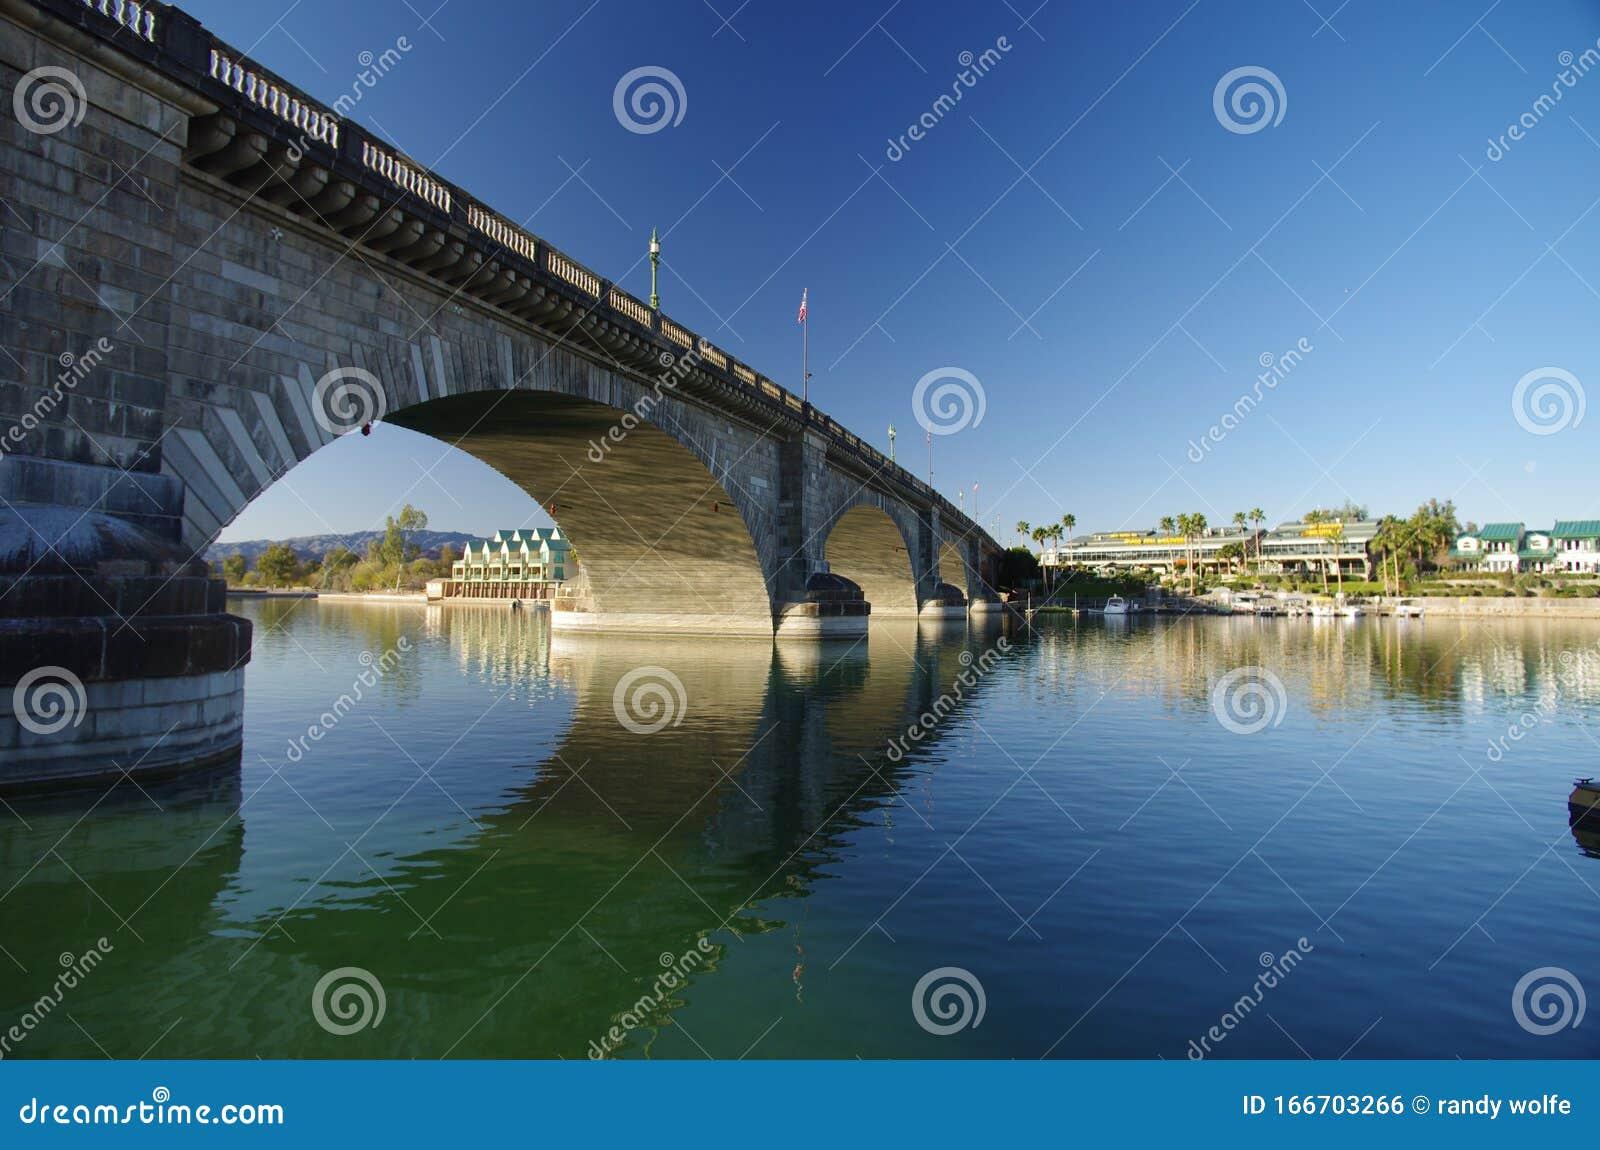 London Bridge Lake Havasu Arizona Usa Stock Photo Image Of Moved There 166703266